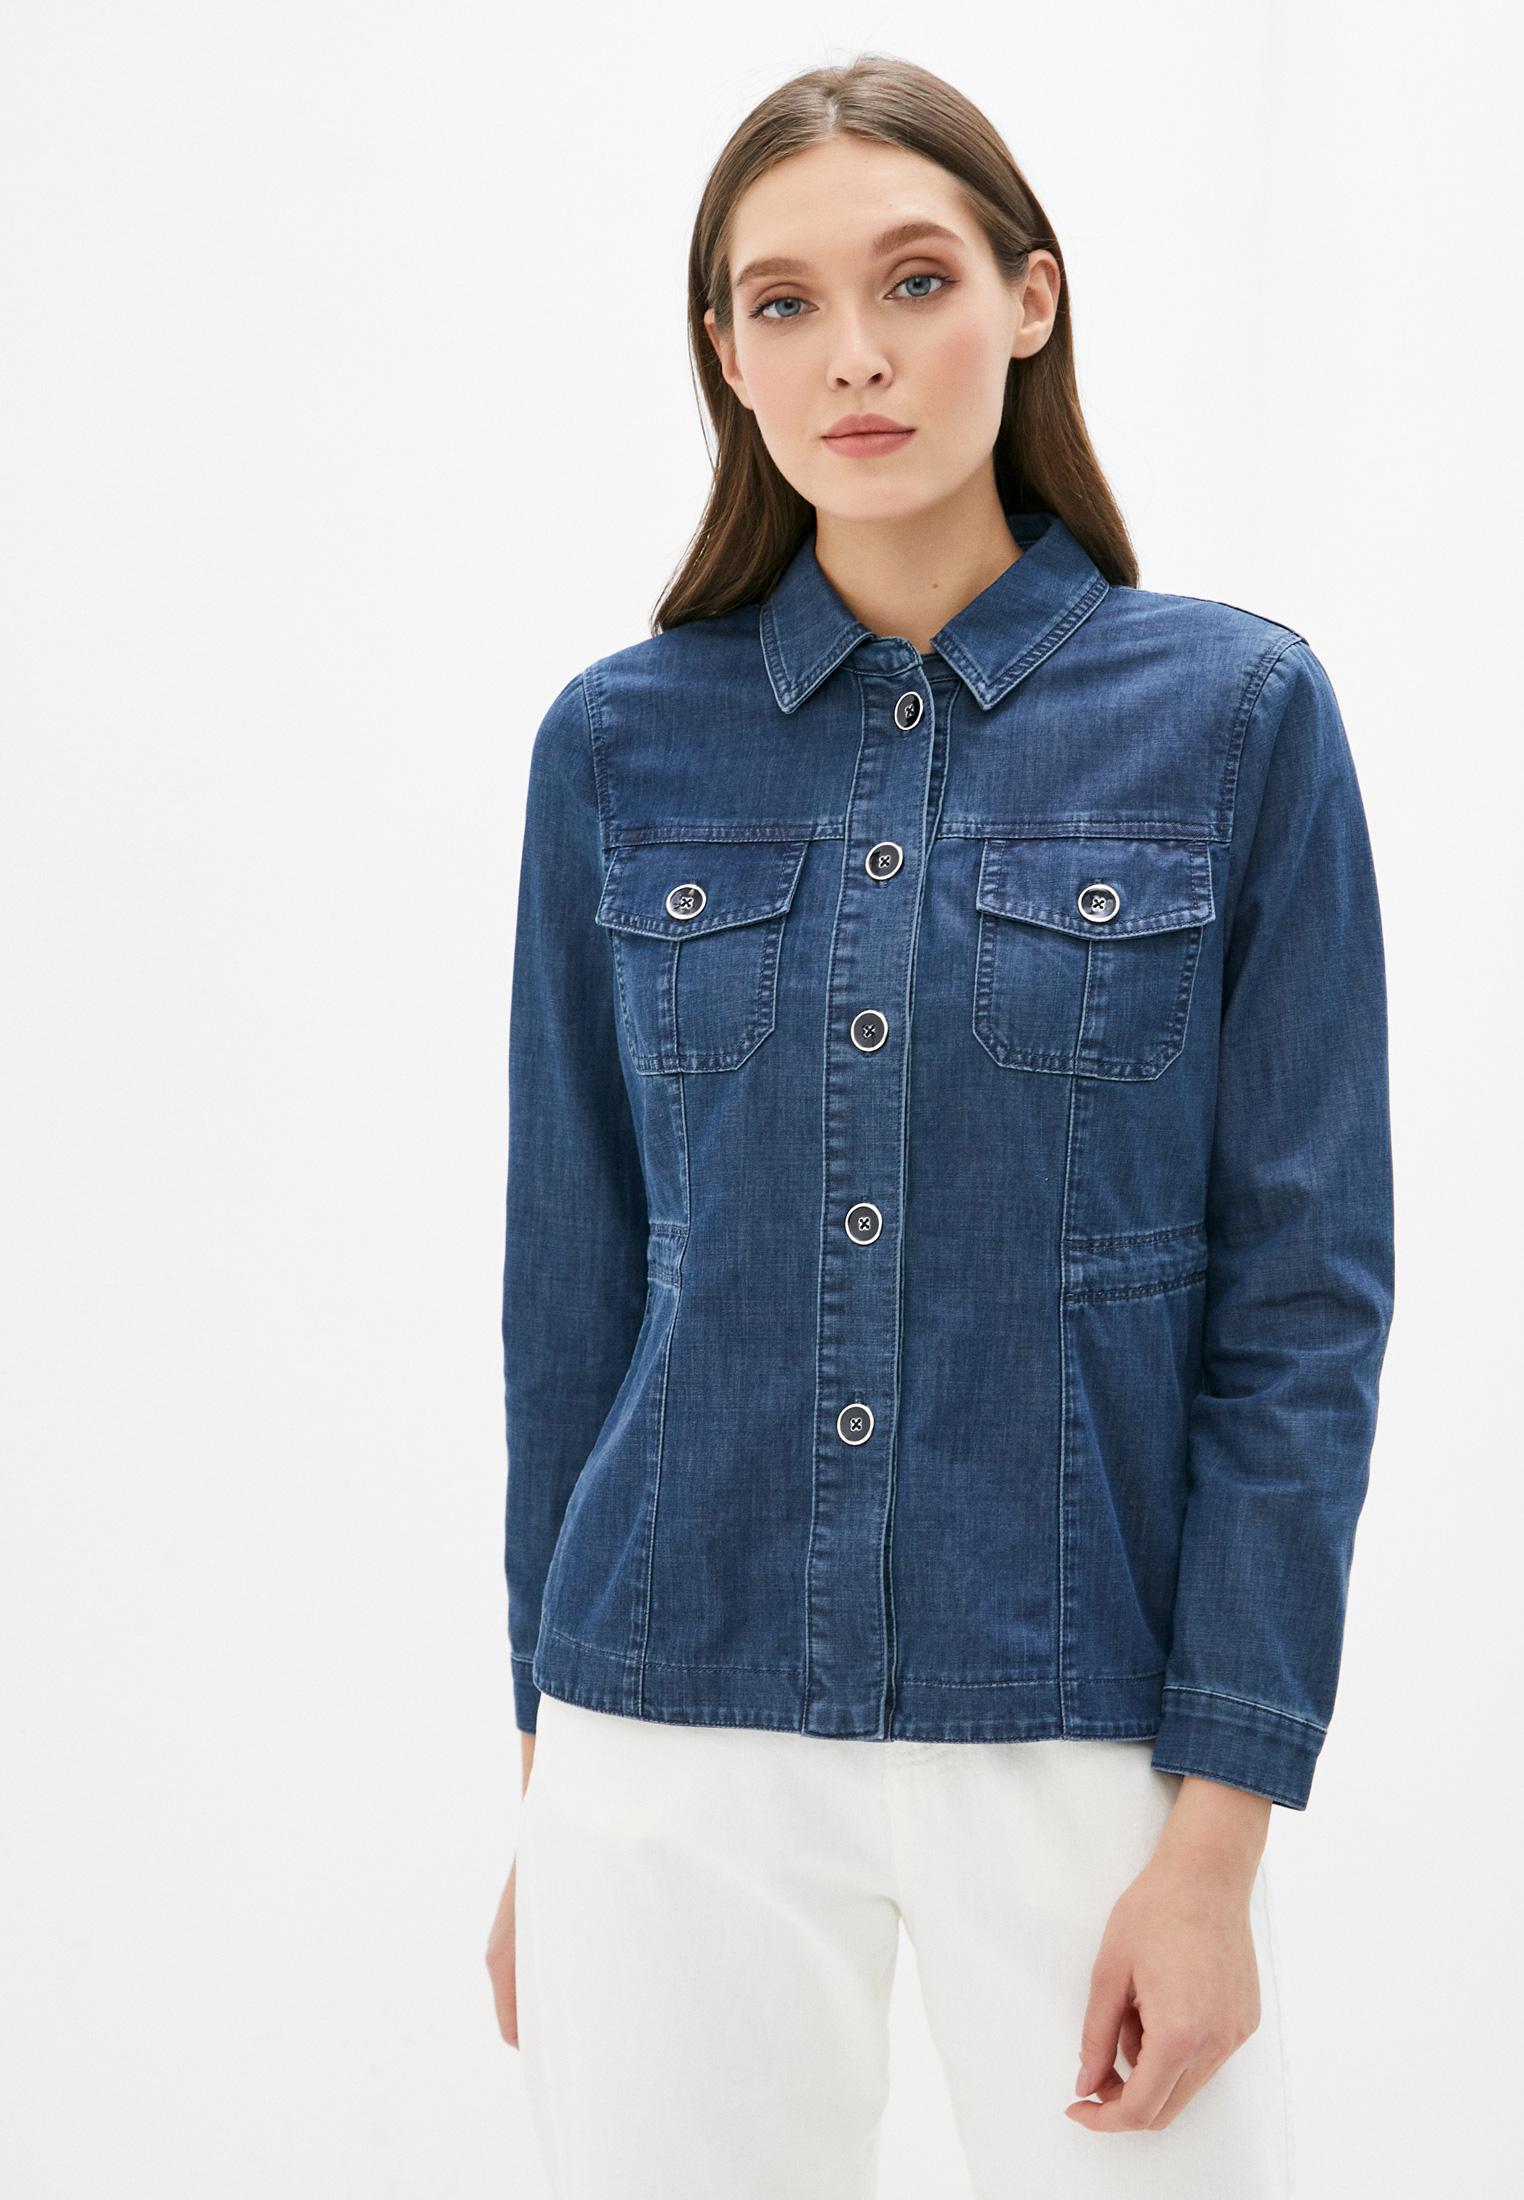 Джинсовая куртка Gerry Weber (Гарри Вебер) 530032-31651